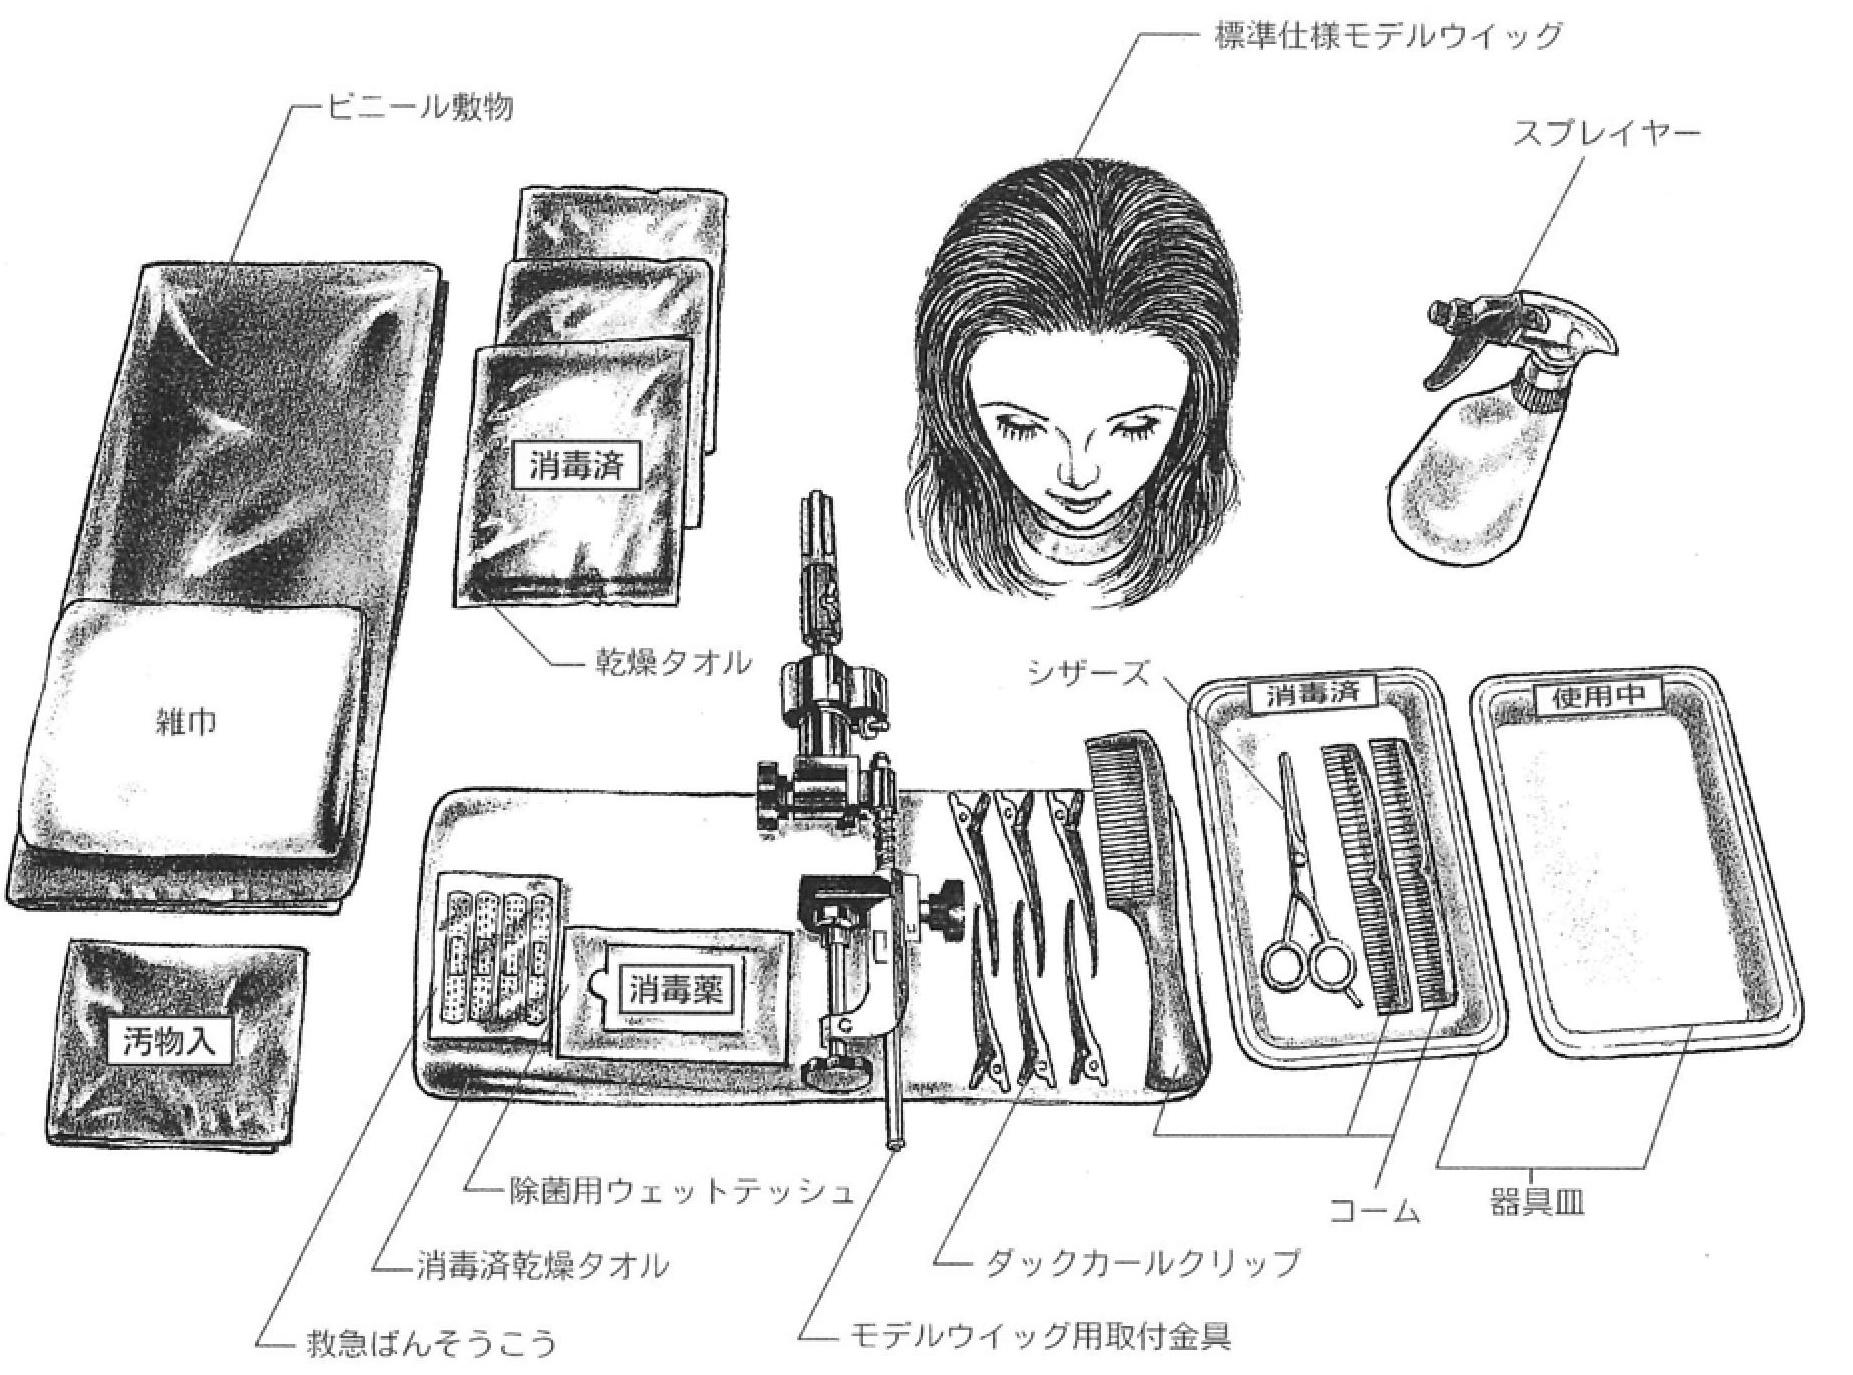 美容師国家試験,第一課題,カッティング,レイヤースタイル